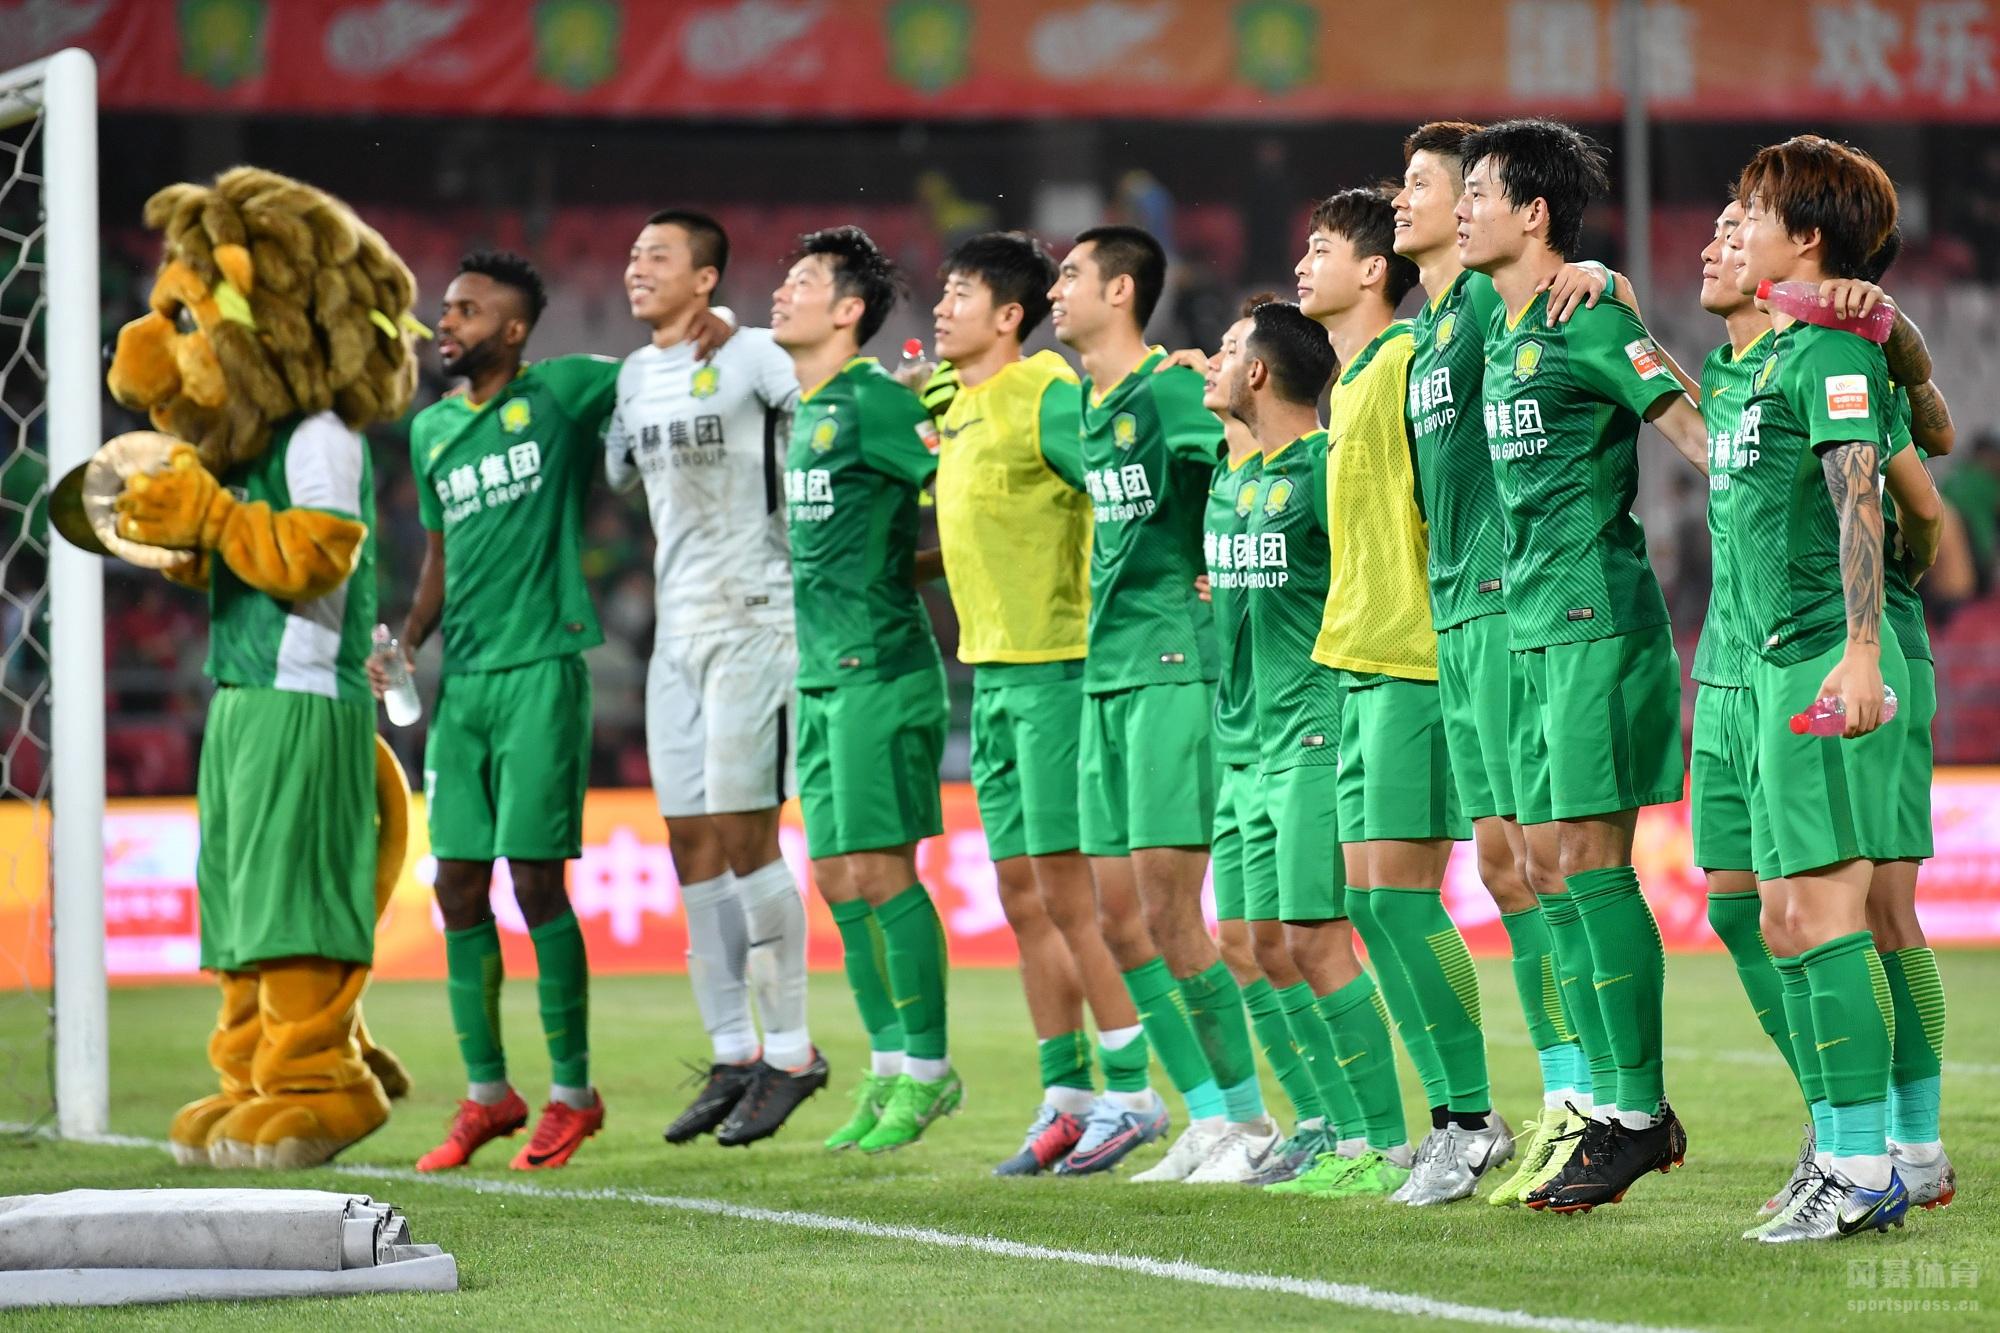 中超联赛第21轮一场比赛在工人体育场进行,北京国安主场对阵重庆斯威。上半场巴坎布错失良机比埃拉打破僵局,半场结束前裁判争议判罚吹掉重庆进球。下半场费尔南迪尼奥世界波扳平比分,比埃拉任意球击中横梁,奥古斯托破门后错失空门。最终国安2-1战胜重庆迎来两连胜,多赛两场领先上港3分继续领跑。